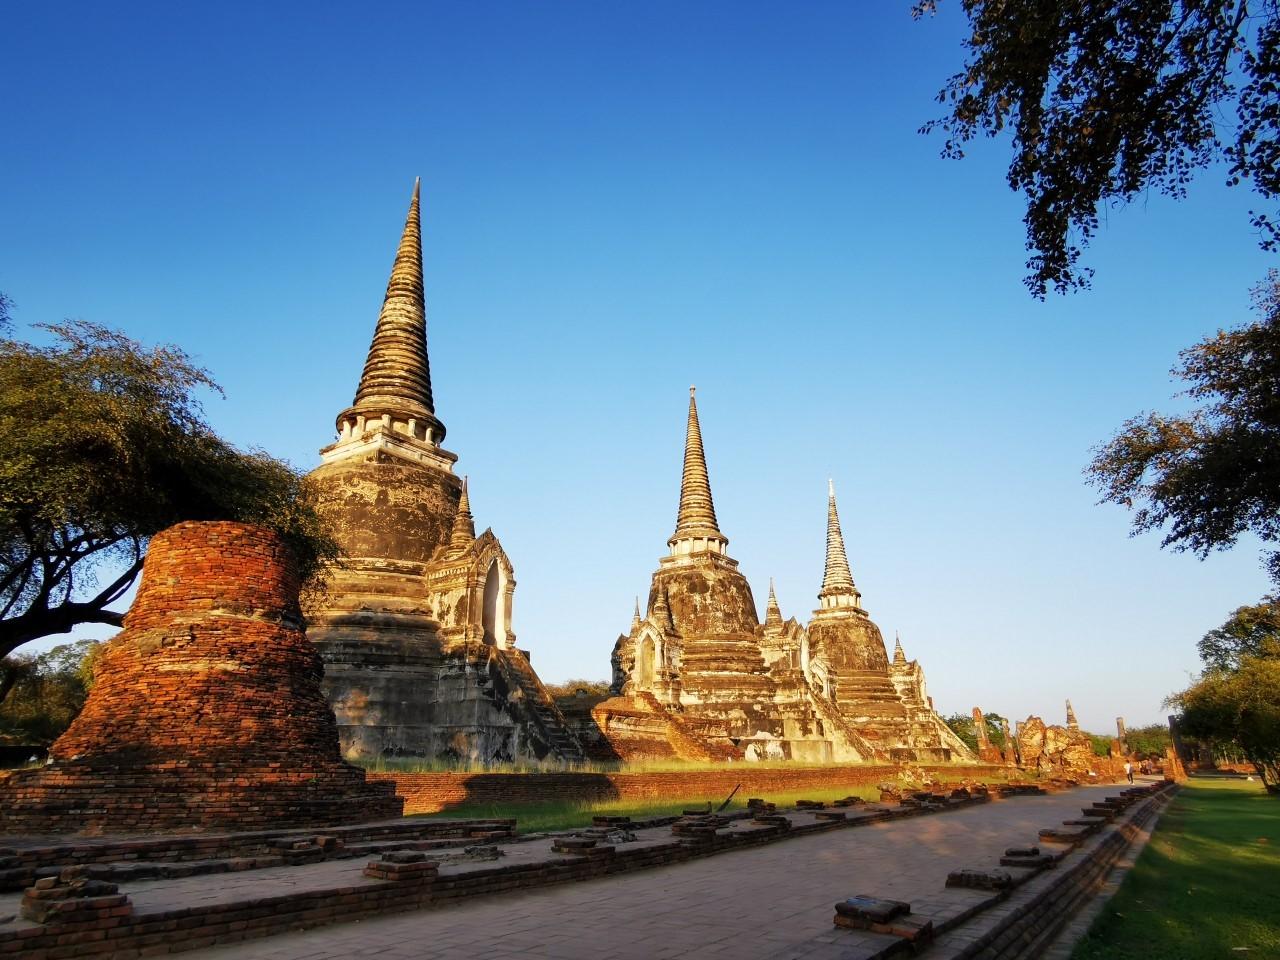 クメール様式の美しい寺院「ワットチャイワッタナラーム」